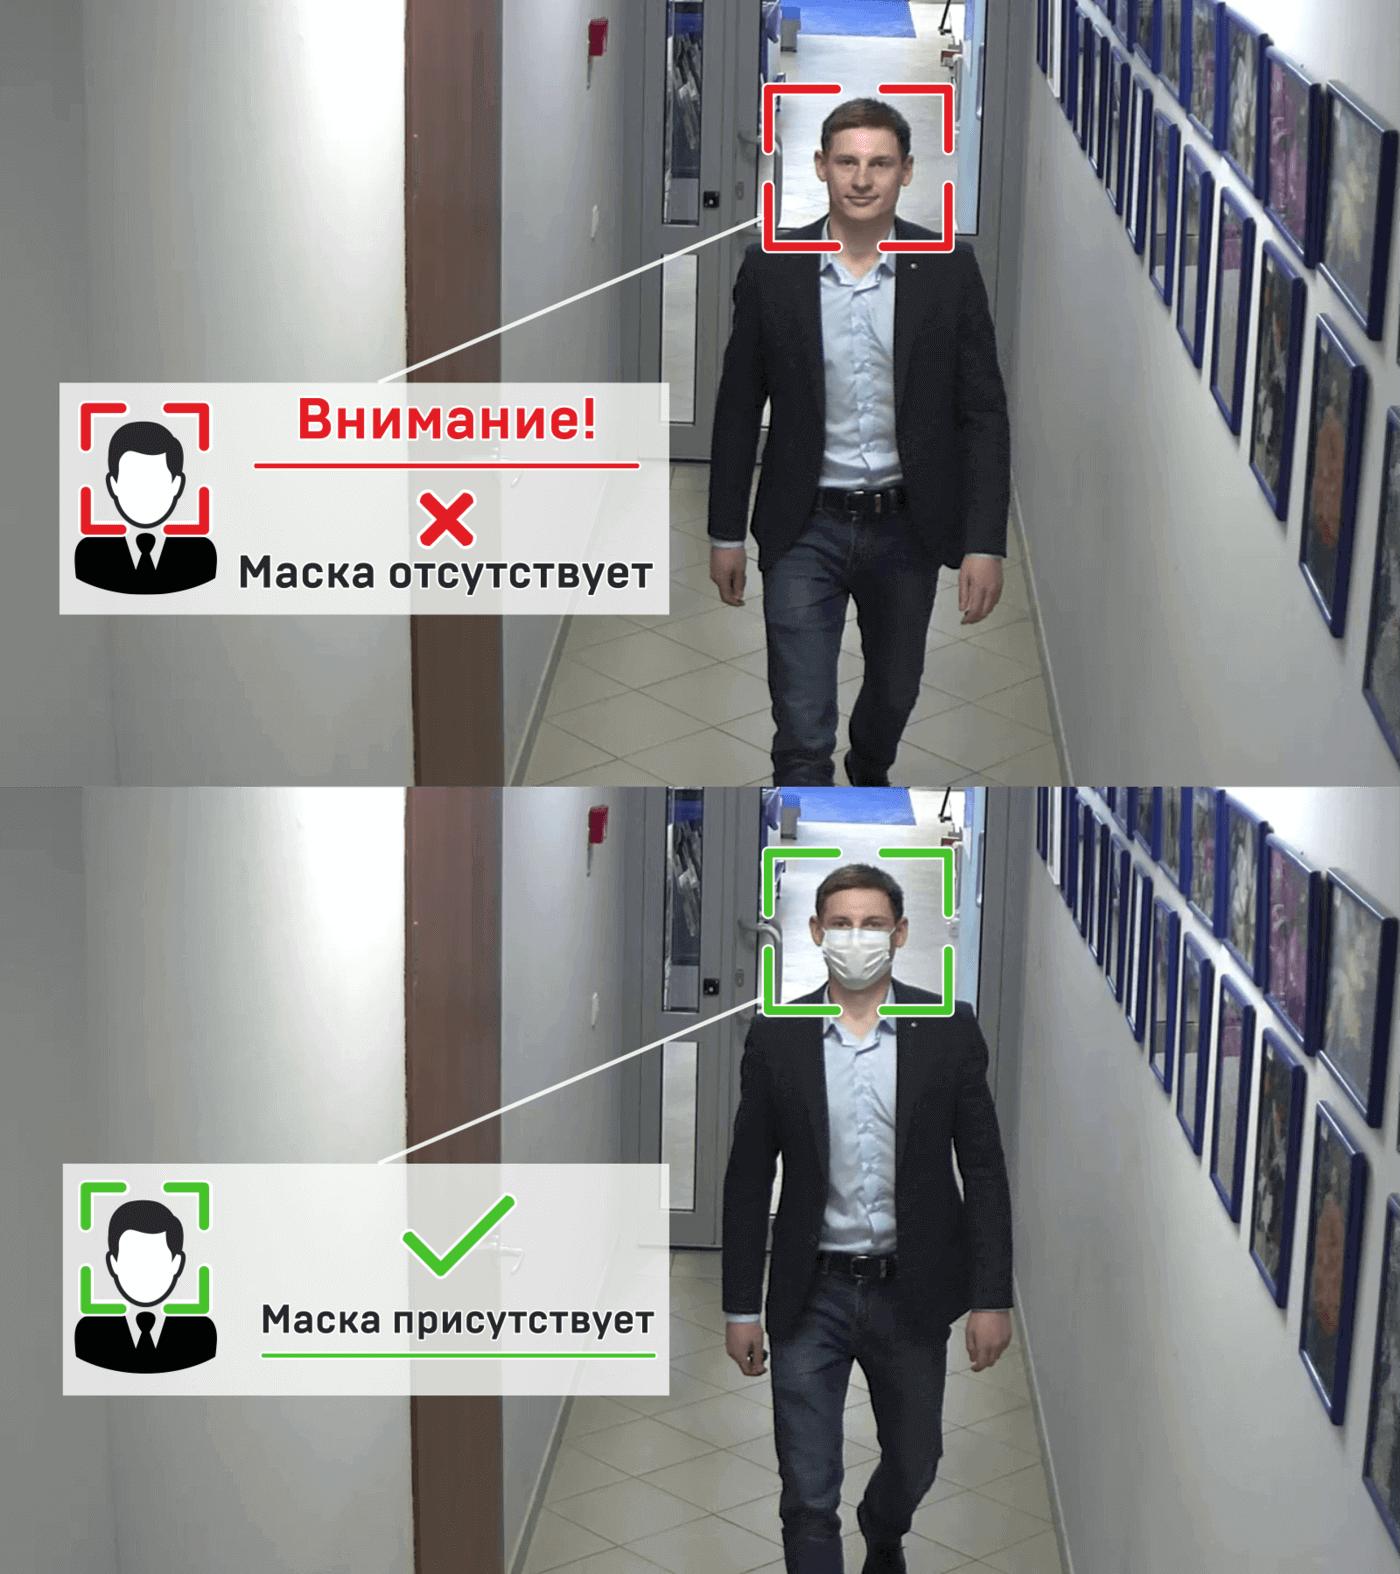 Контроль наличия маски для безопасного бизнеса